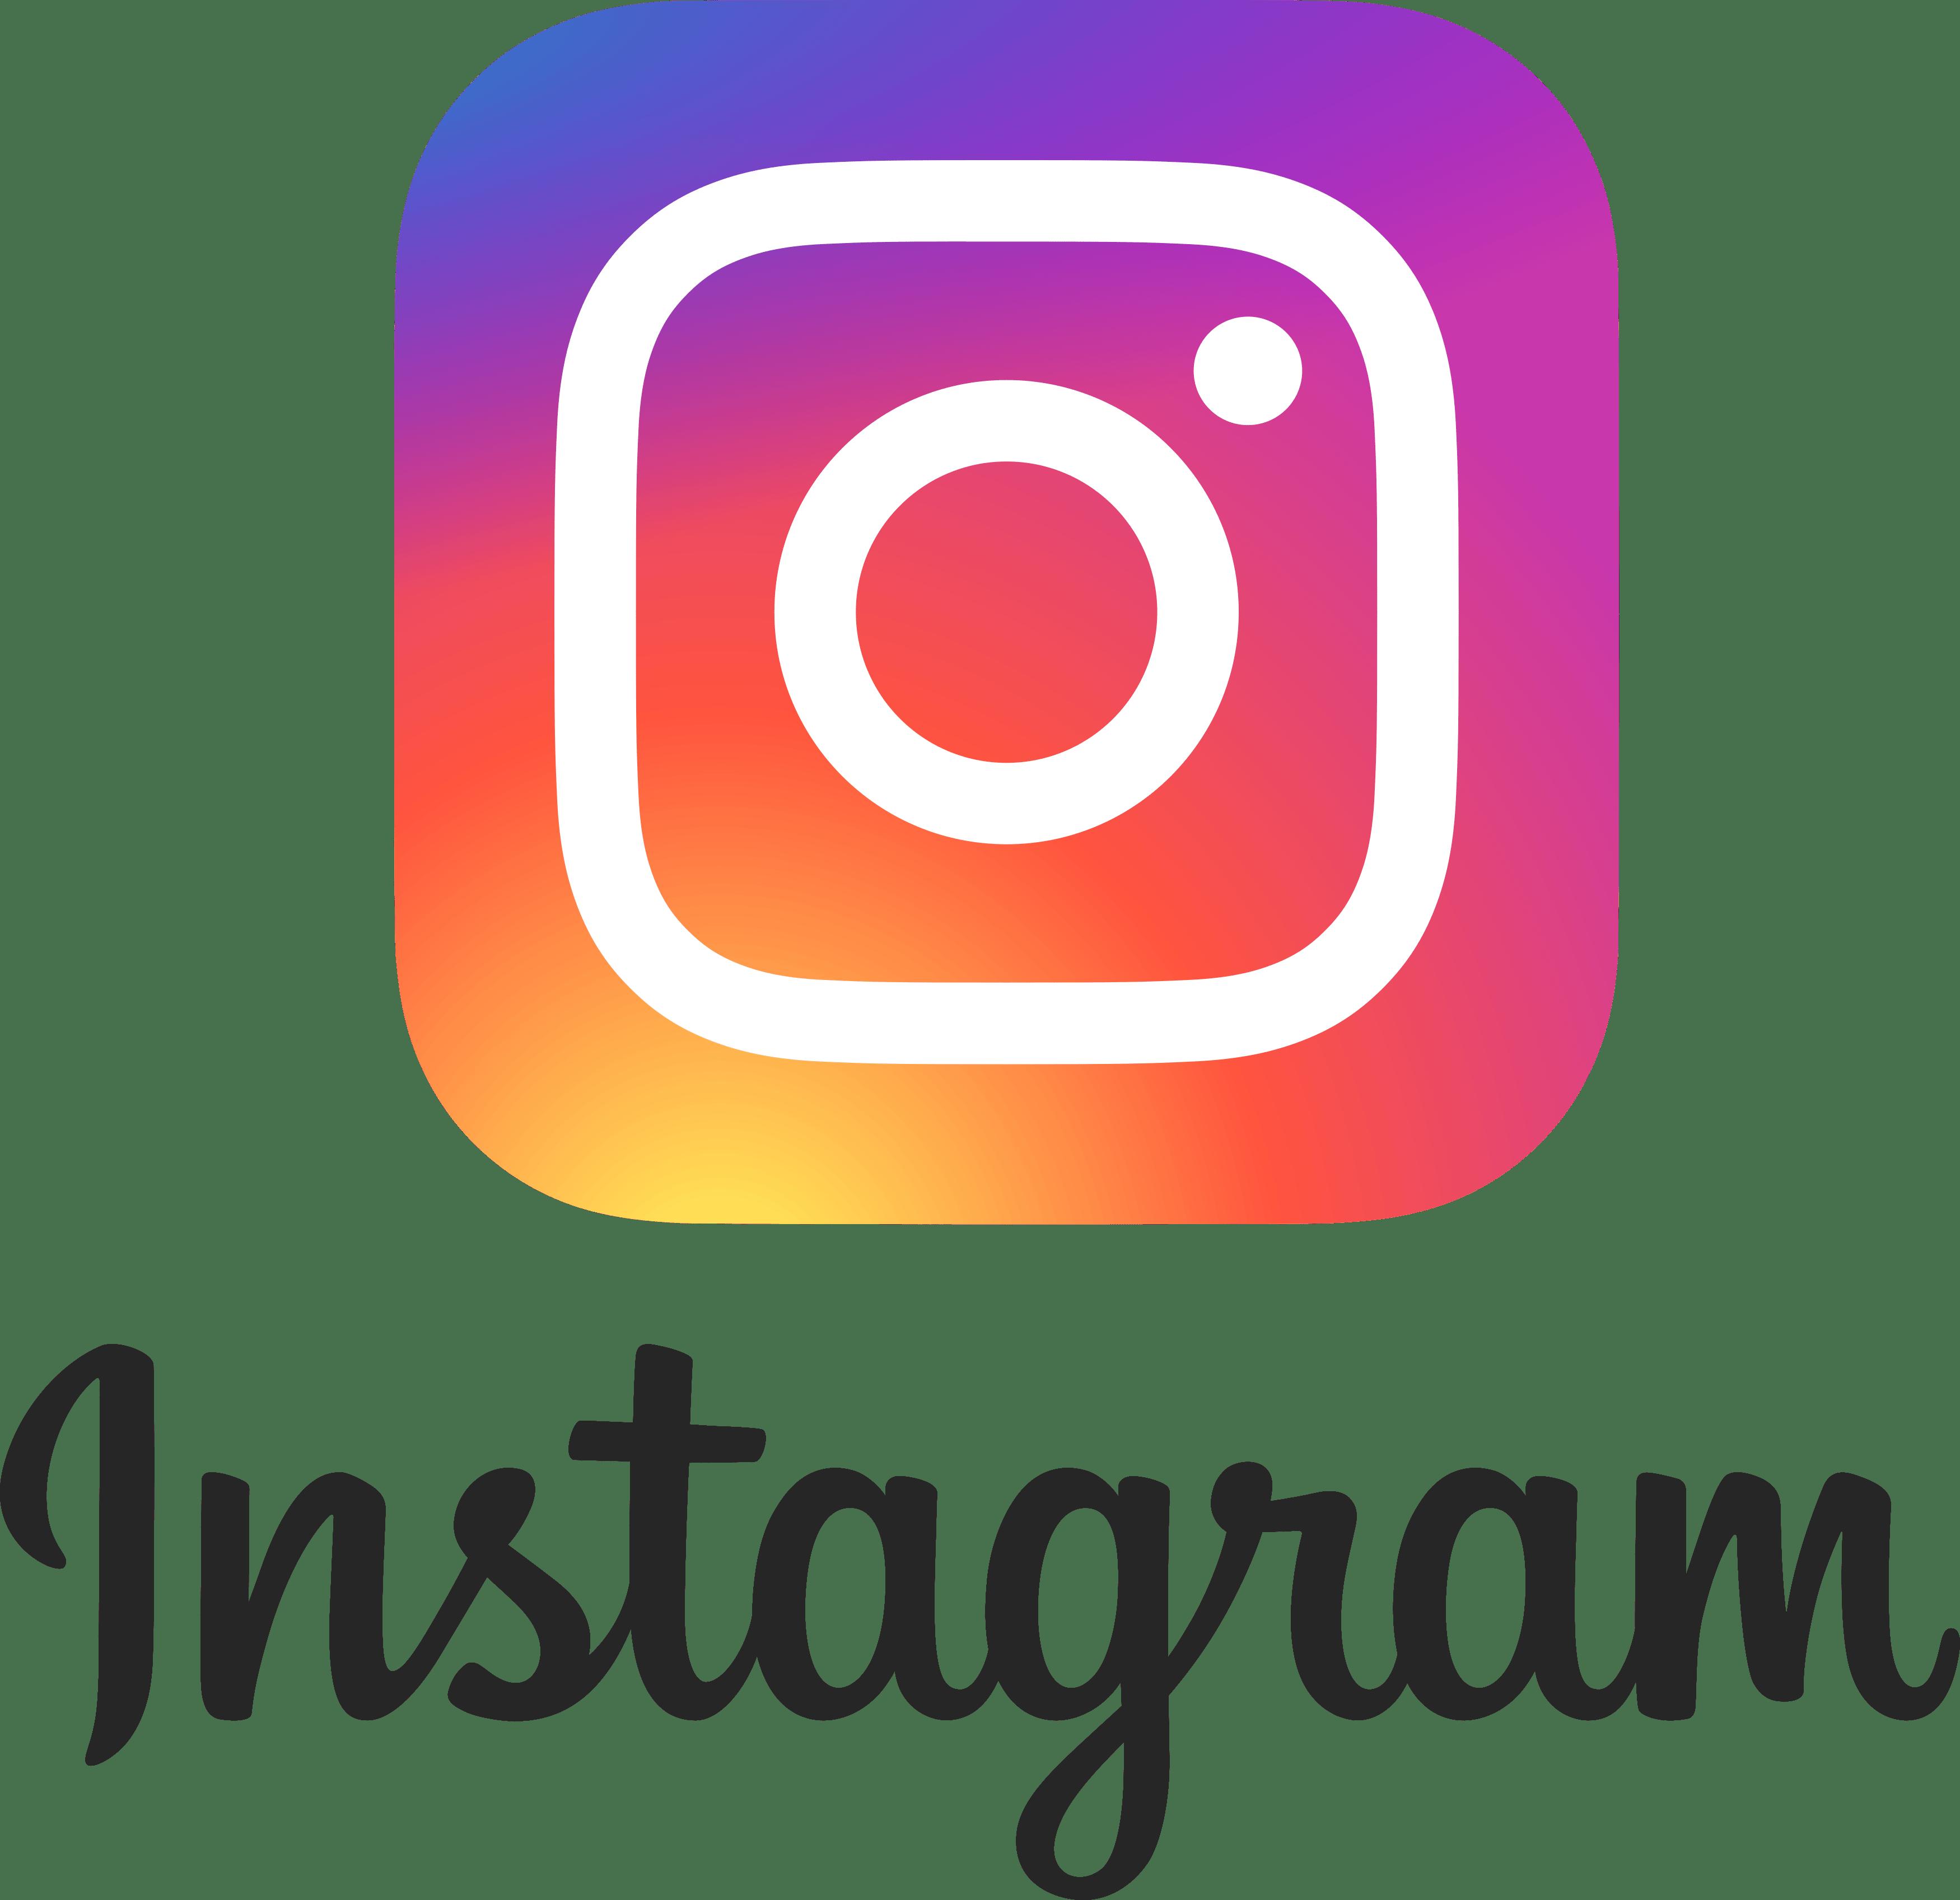 Logo do Instagram PNG [Fundo Transparente].